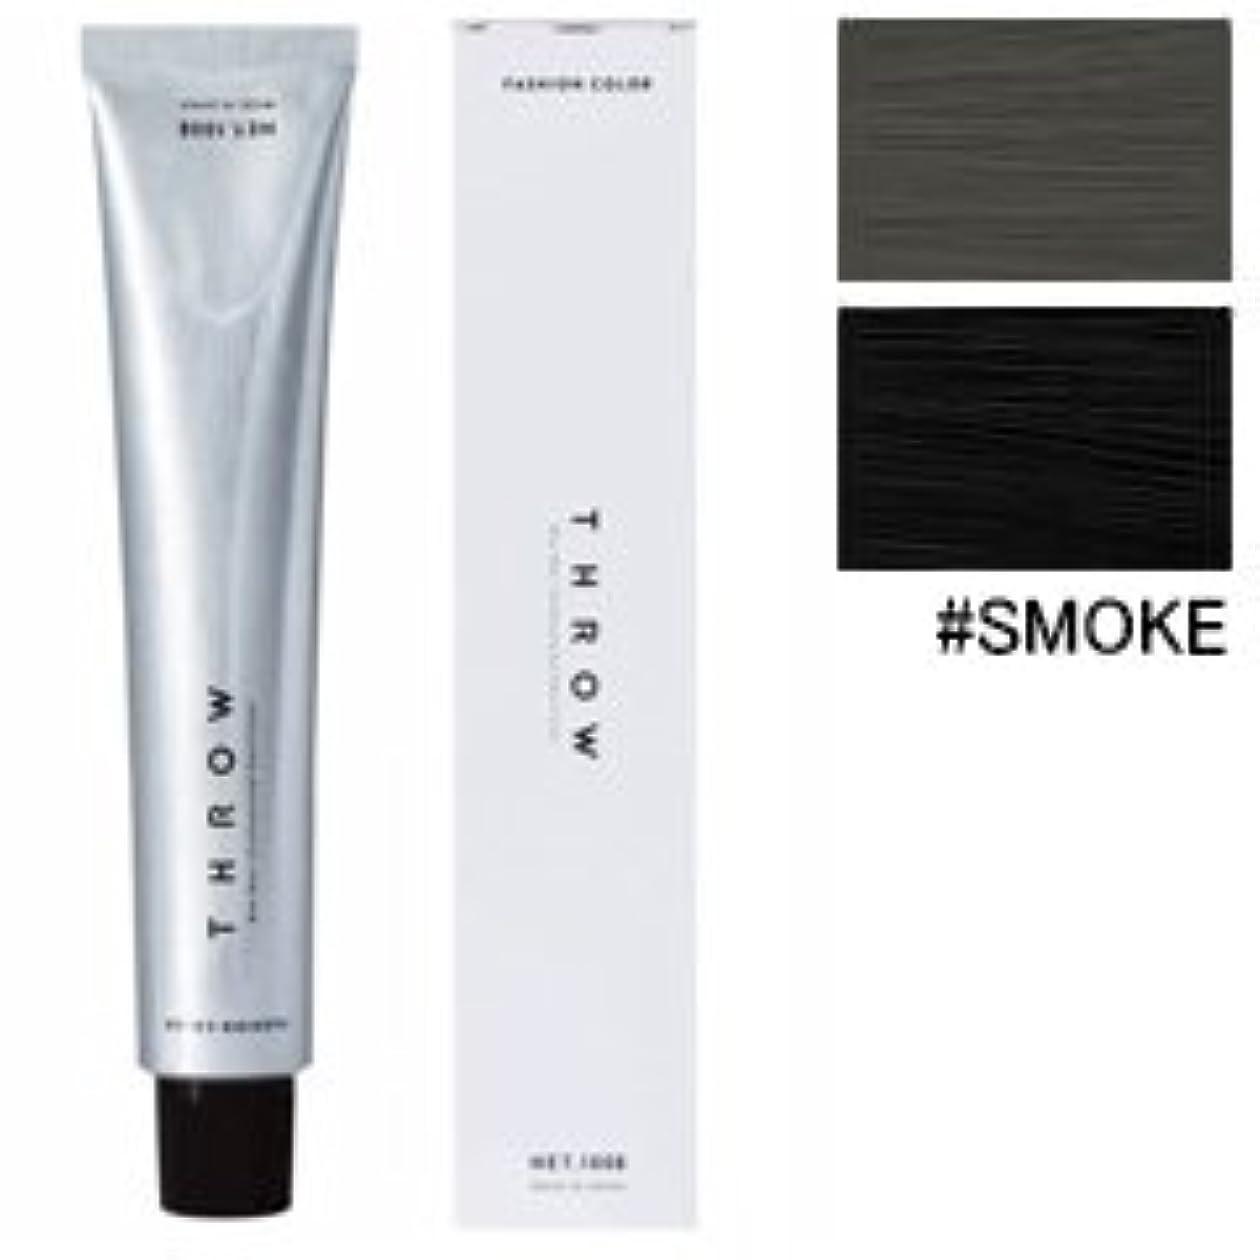 優れましたティッシュシード【モルトベーネ】スロウ ファッションカラー #SMOKE 100g